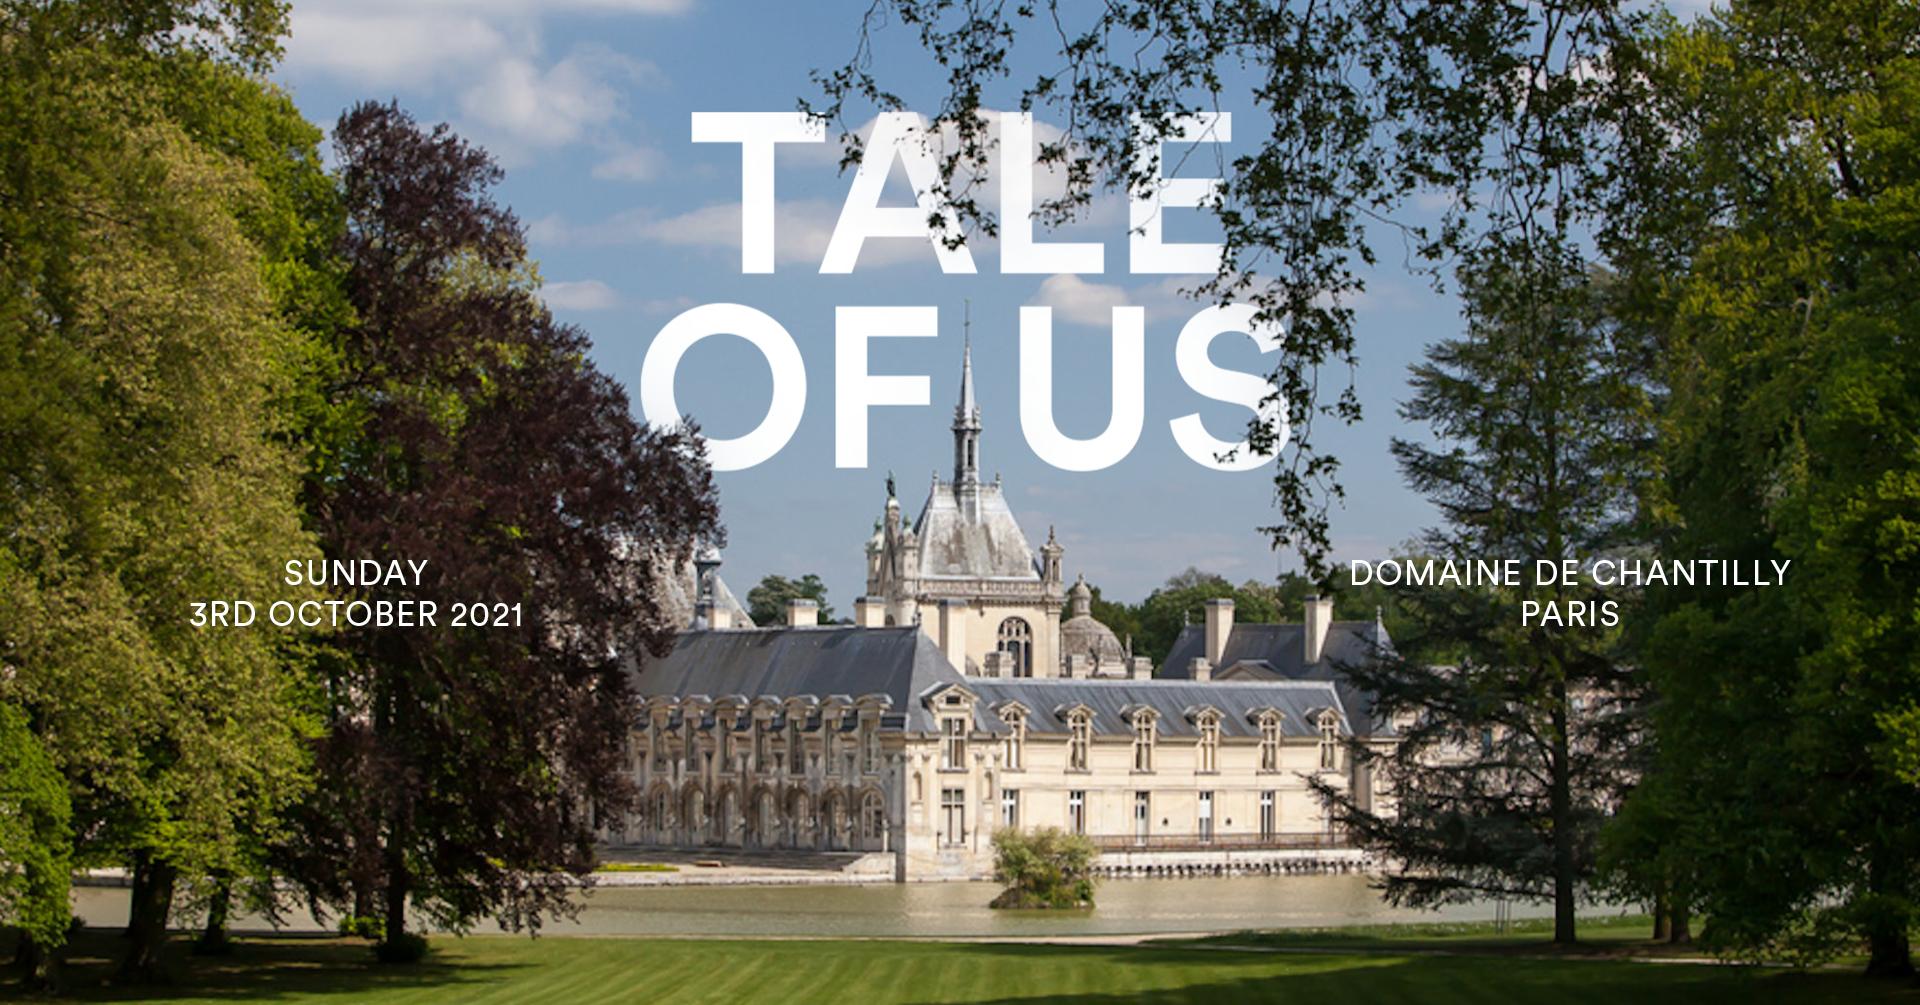 TALE OF US x Domaine de Chantilly